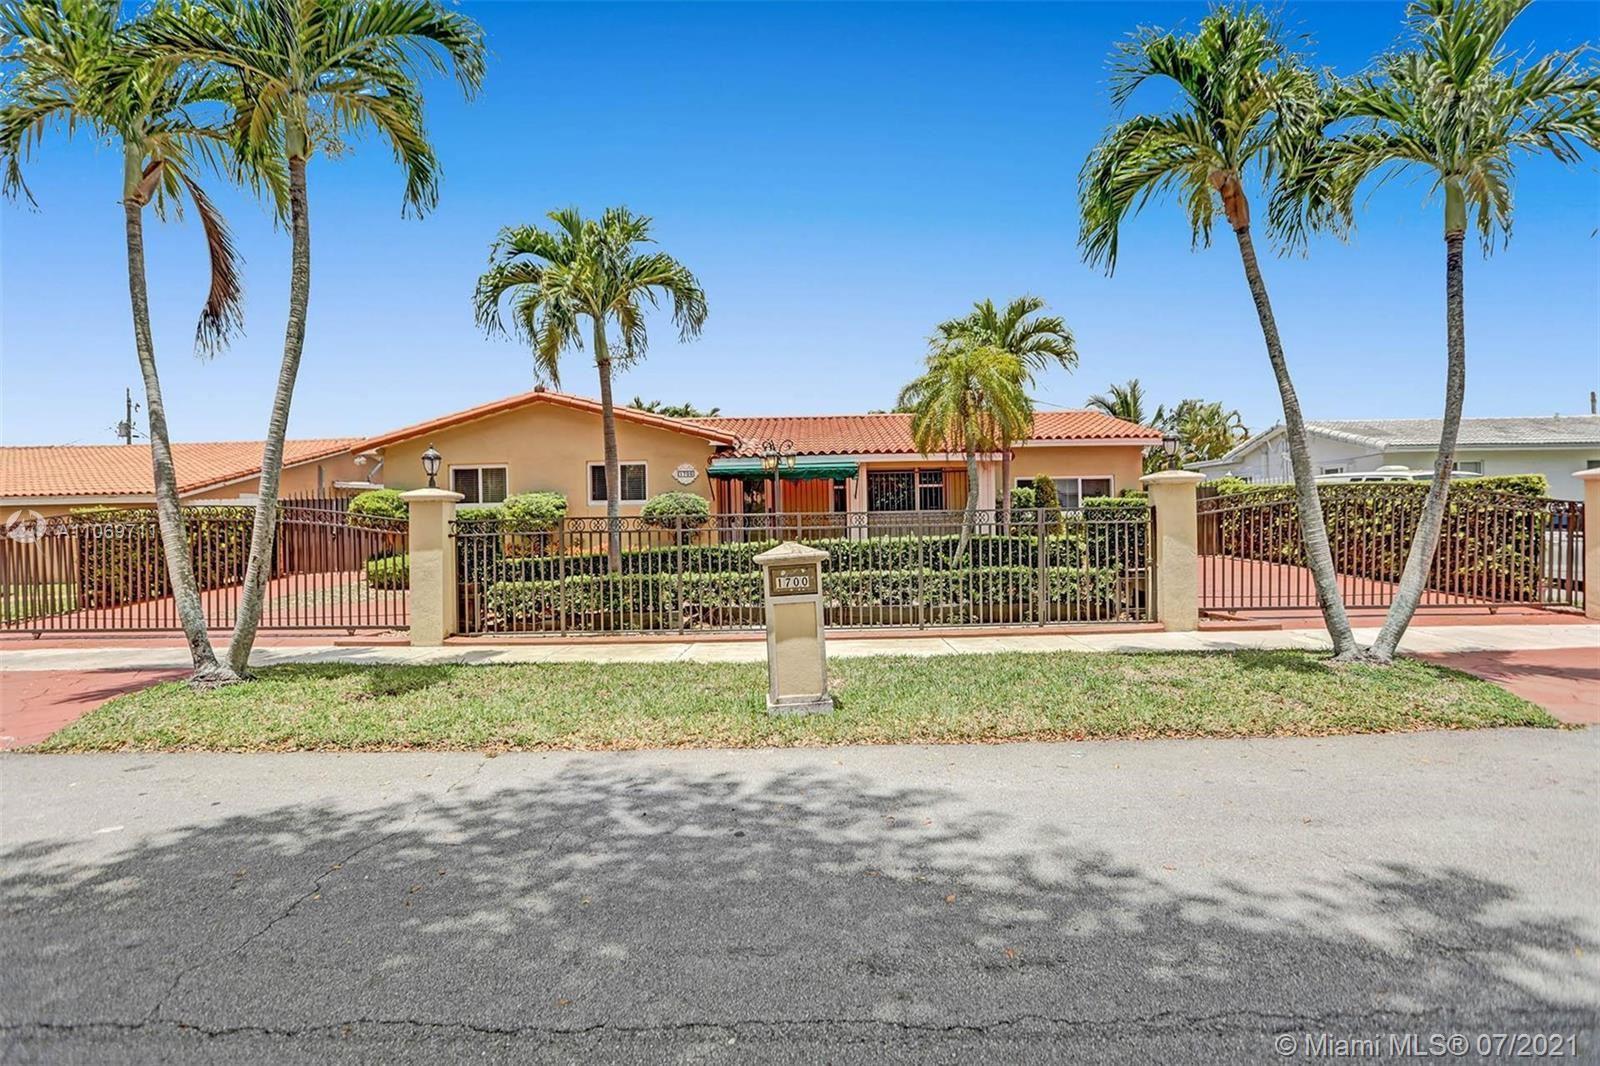 1700 SW 98th Ave, Miami, FL 33165 - MLS#: A11069711